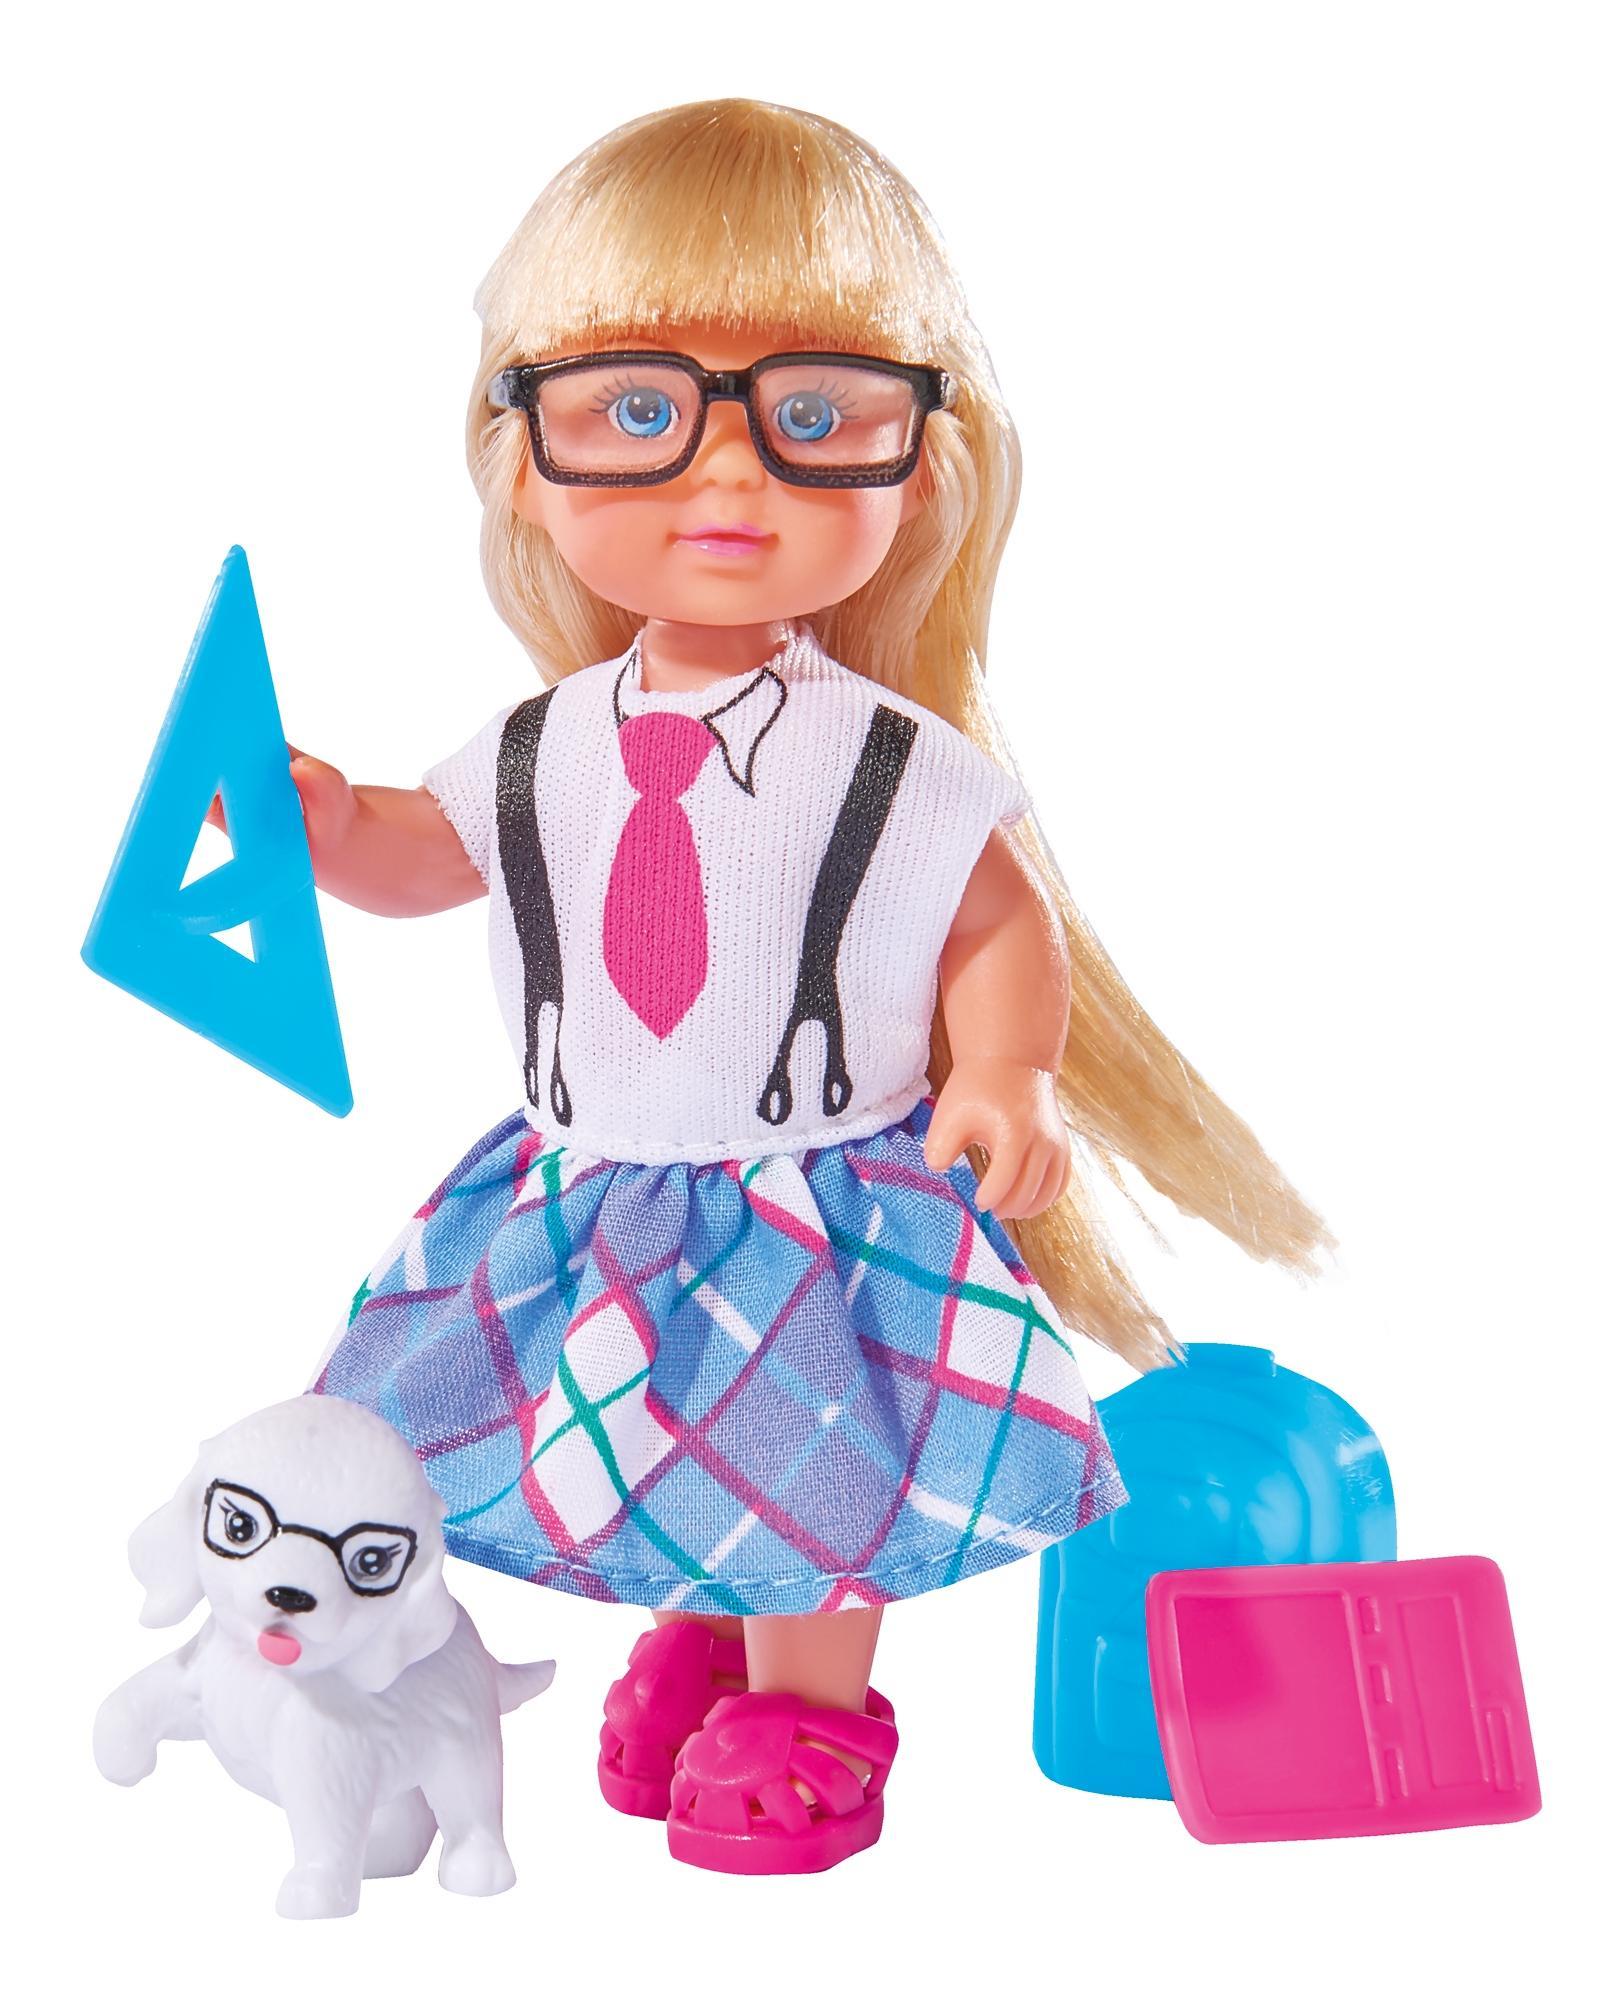 Кукла Simba Еви и школьные принадлежности, 12 см